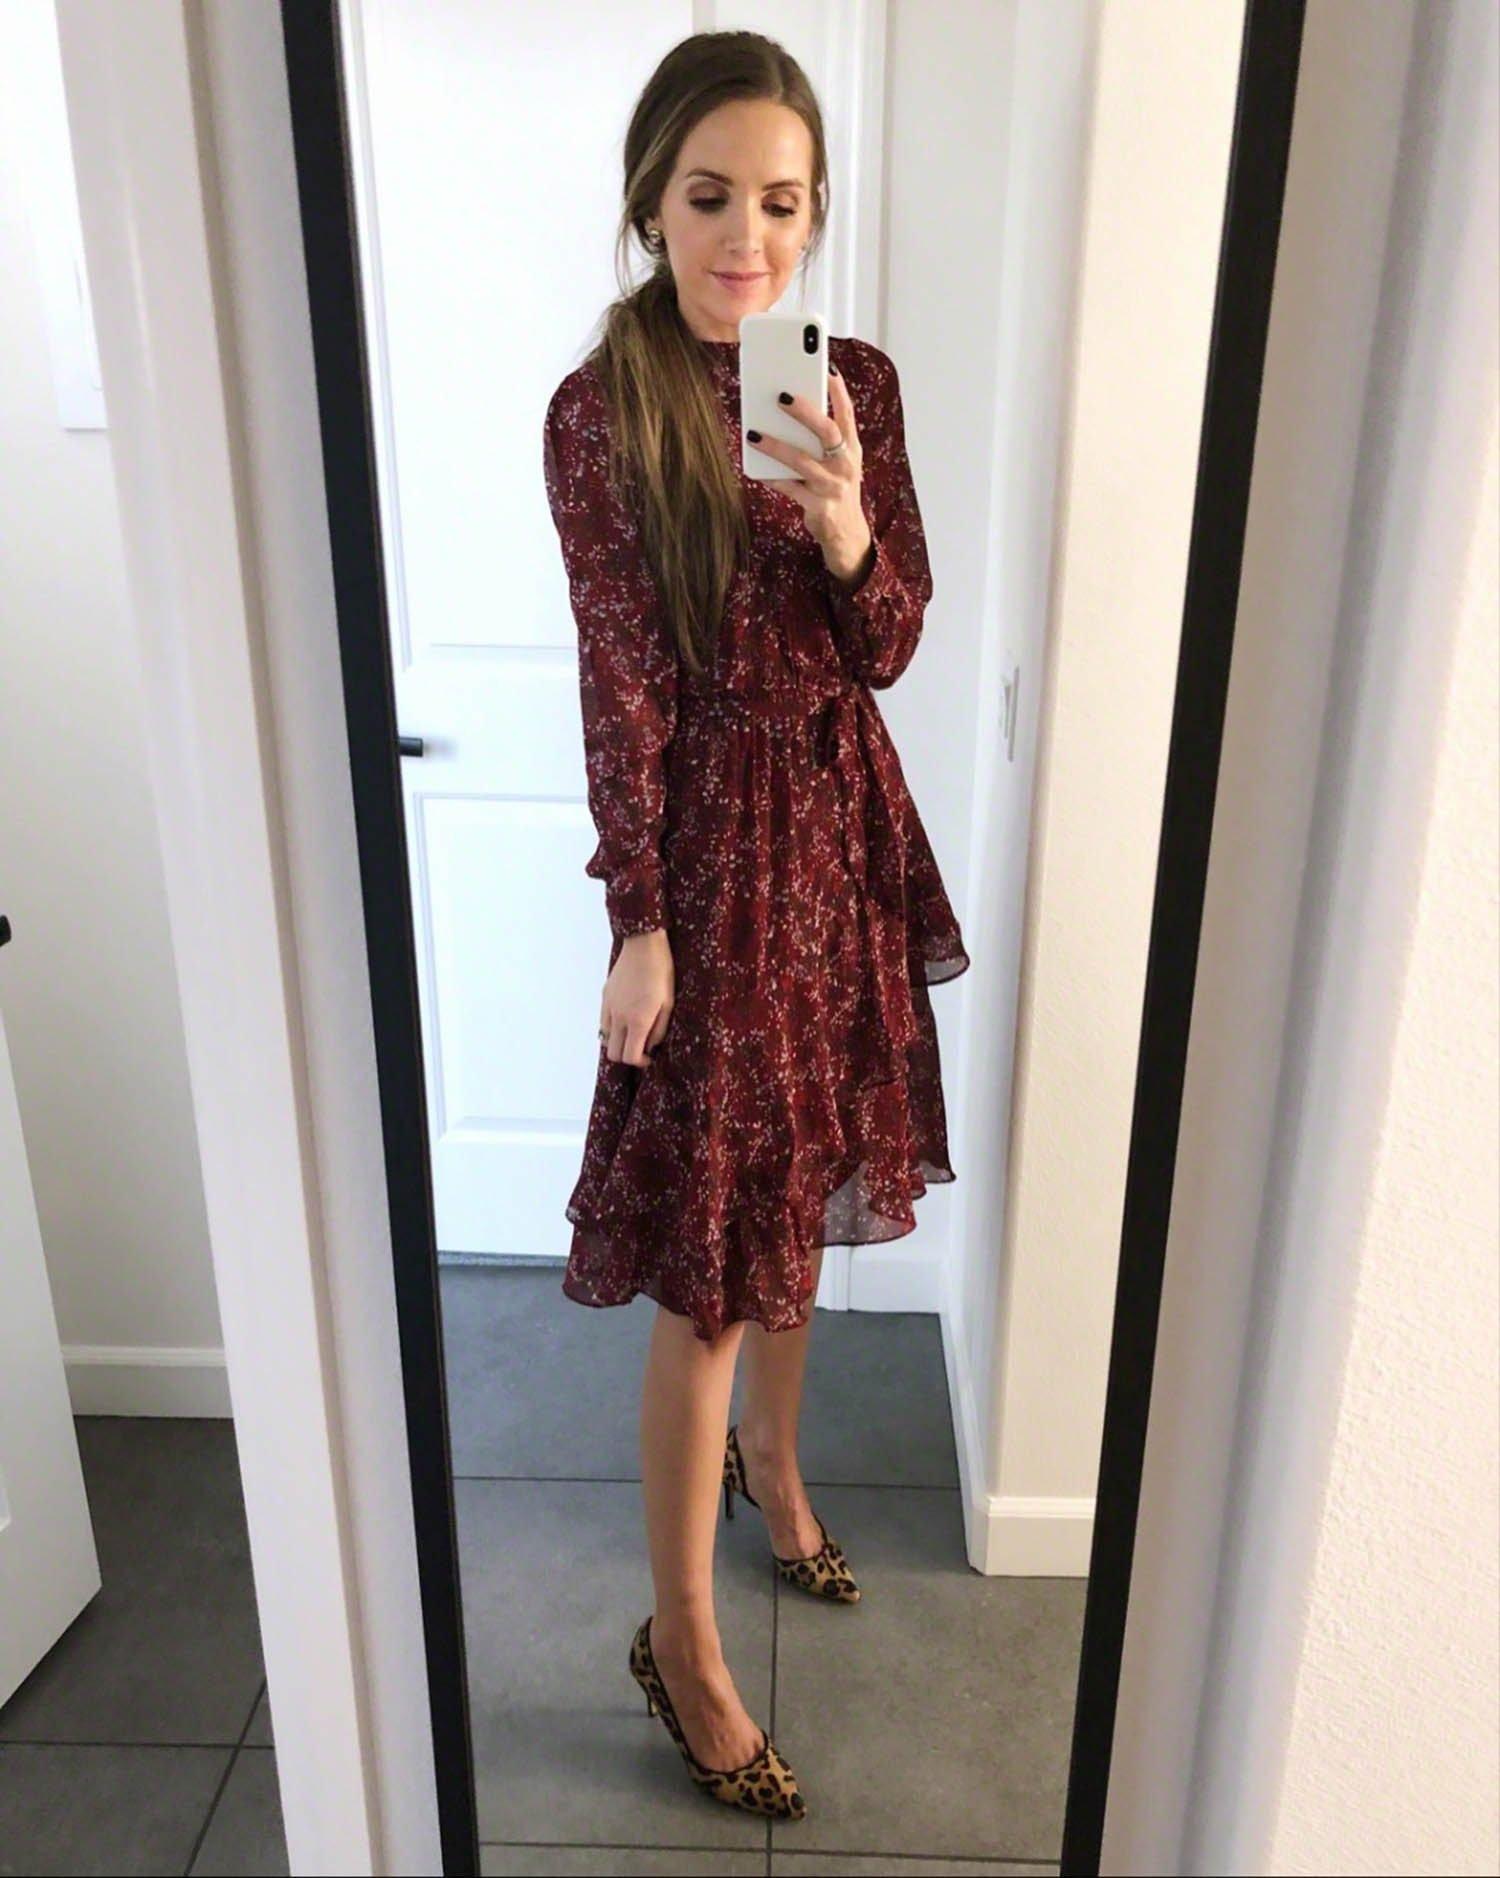 floral dress and leopard heels   merricksart.com